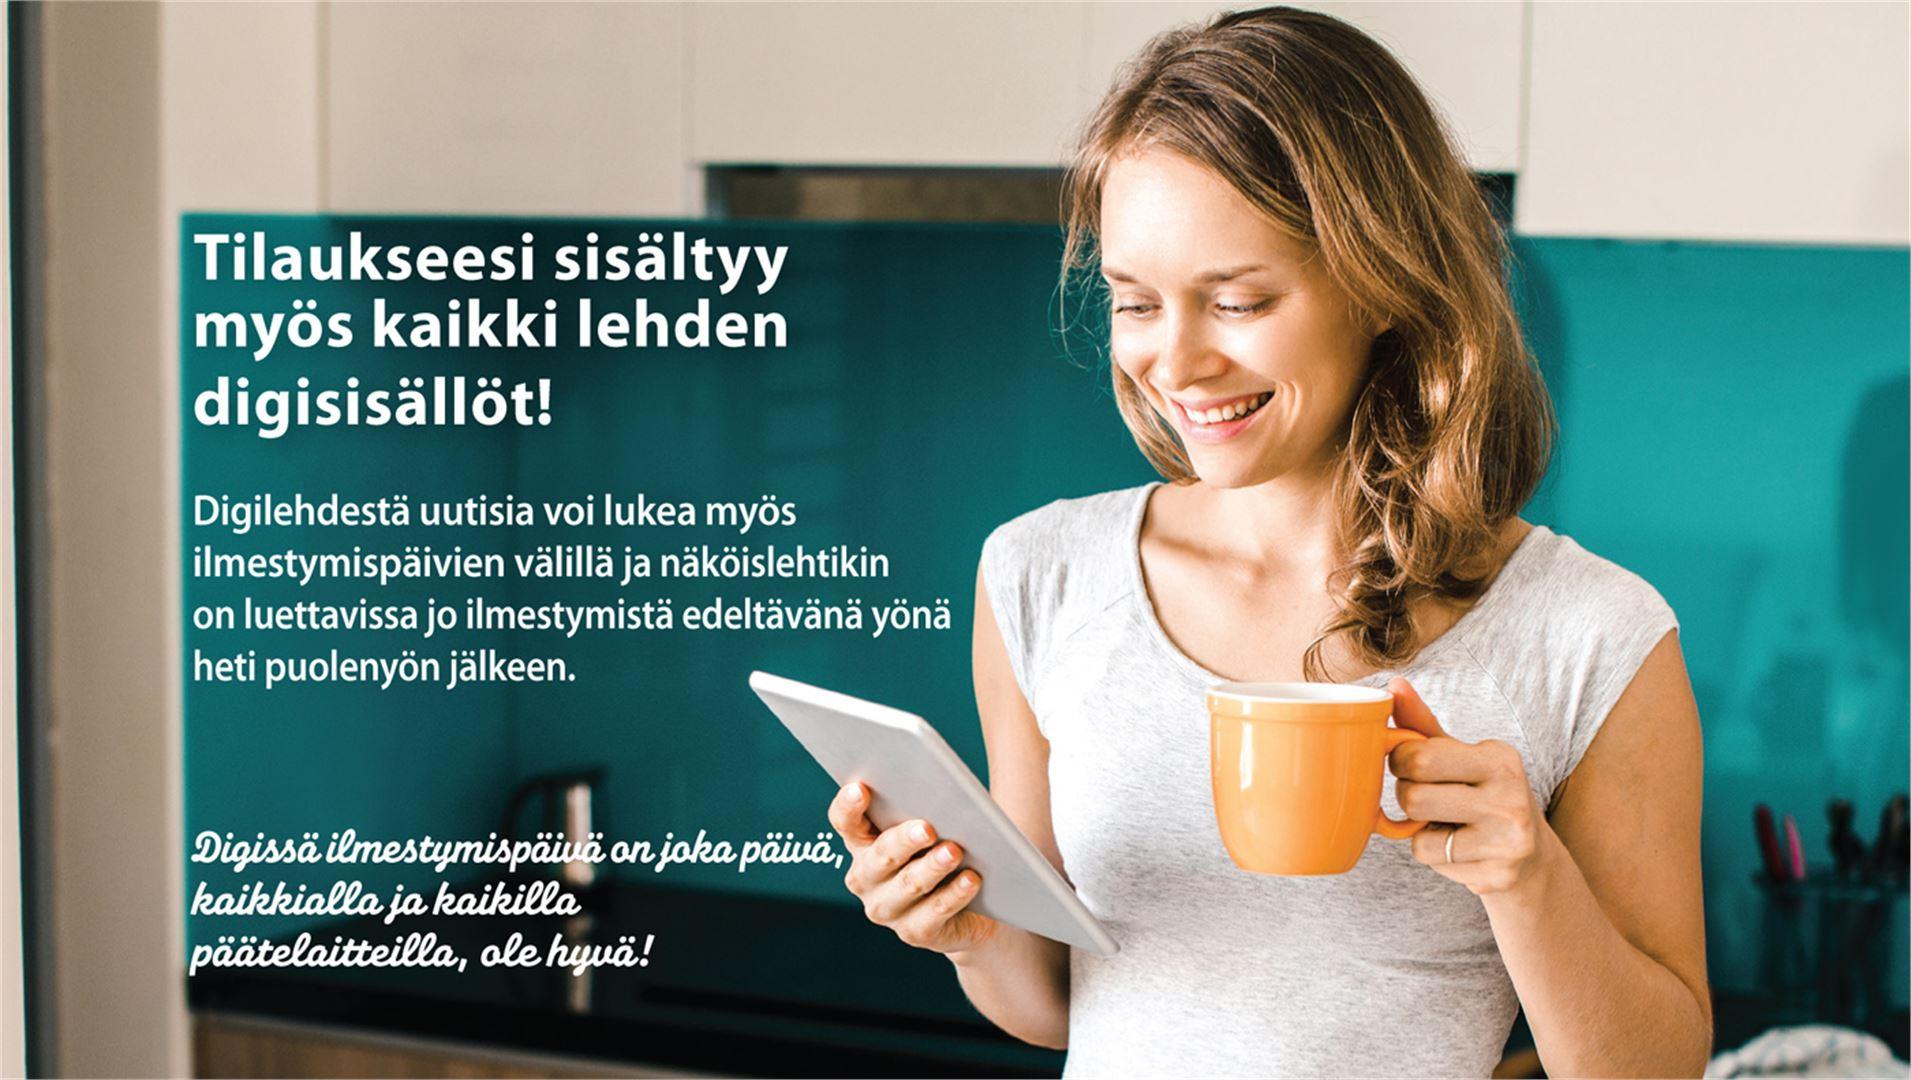 nidvtoi1kk1(toistuvaismaksu 1€/kk)